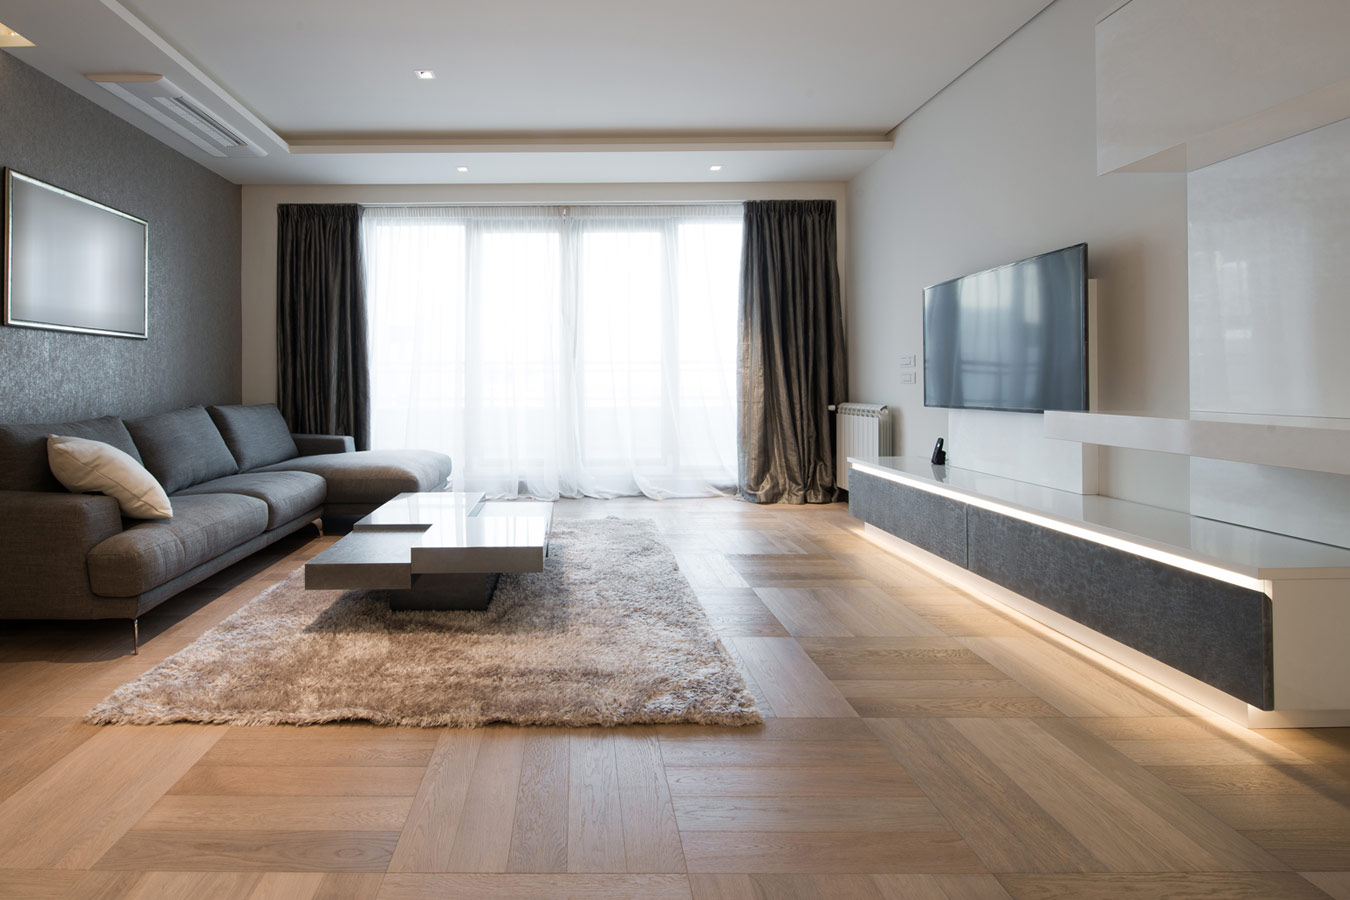 Tv meubel op maat kopen: tips & inspiratie